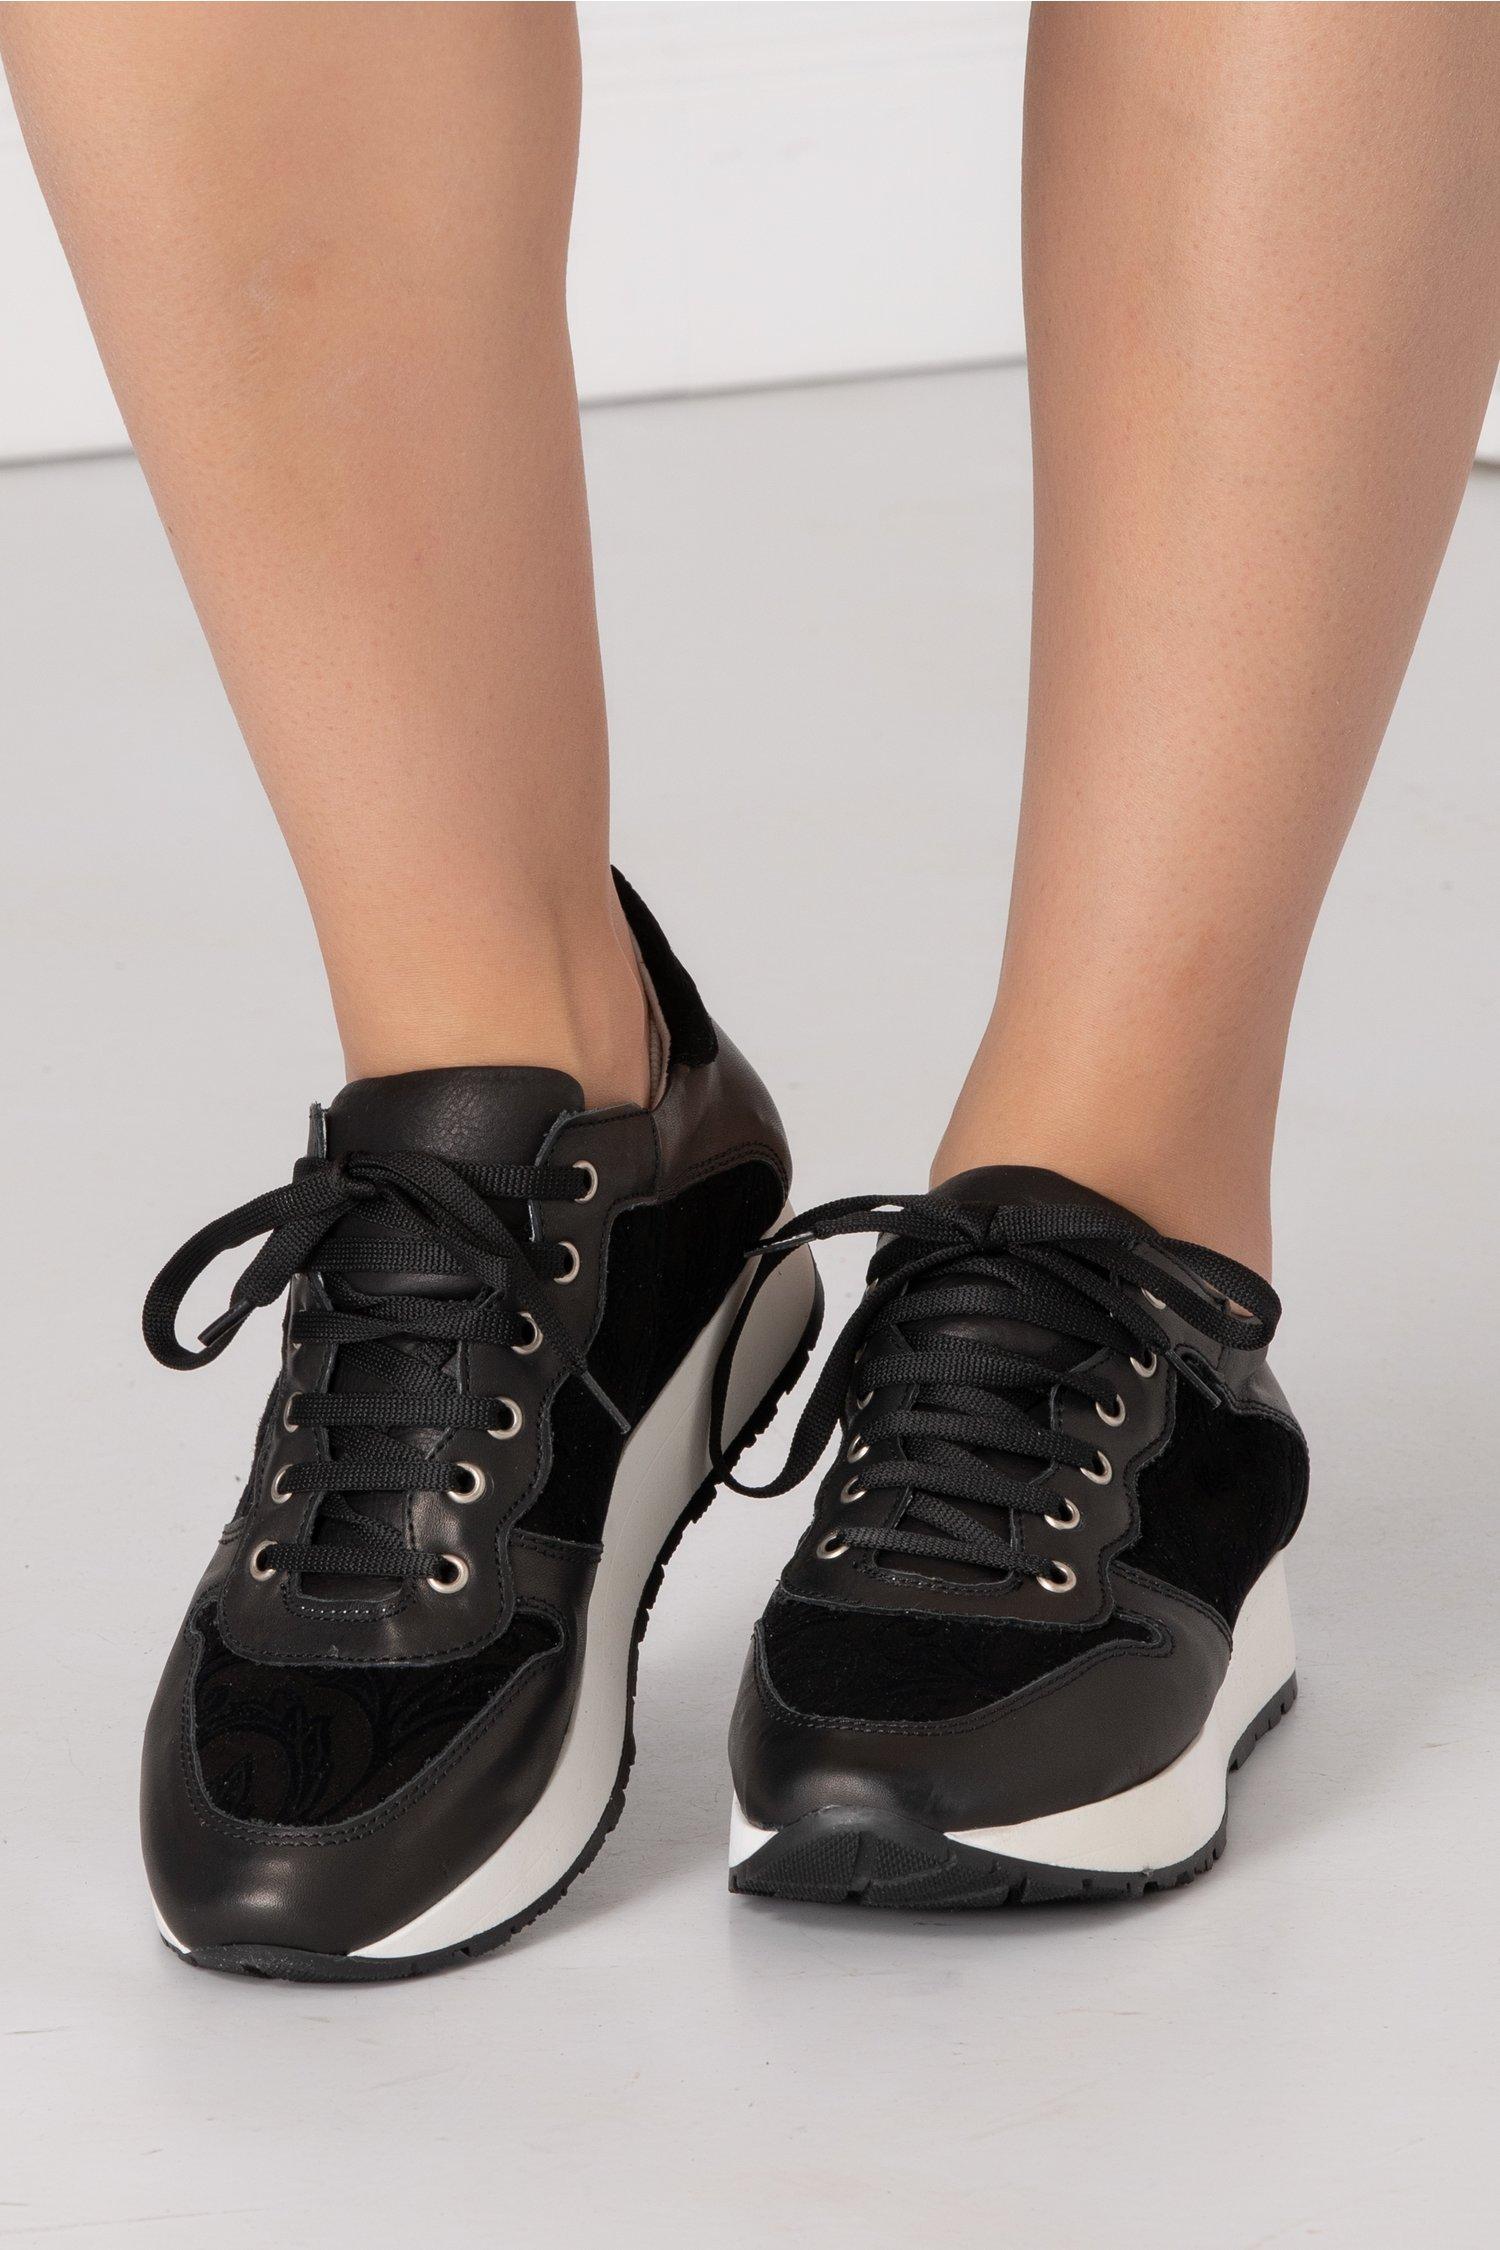 Pantofi casual negri cu detalii catifelate